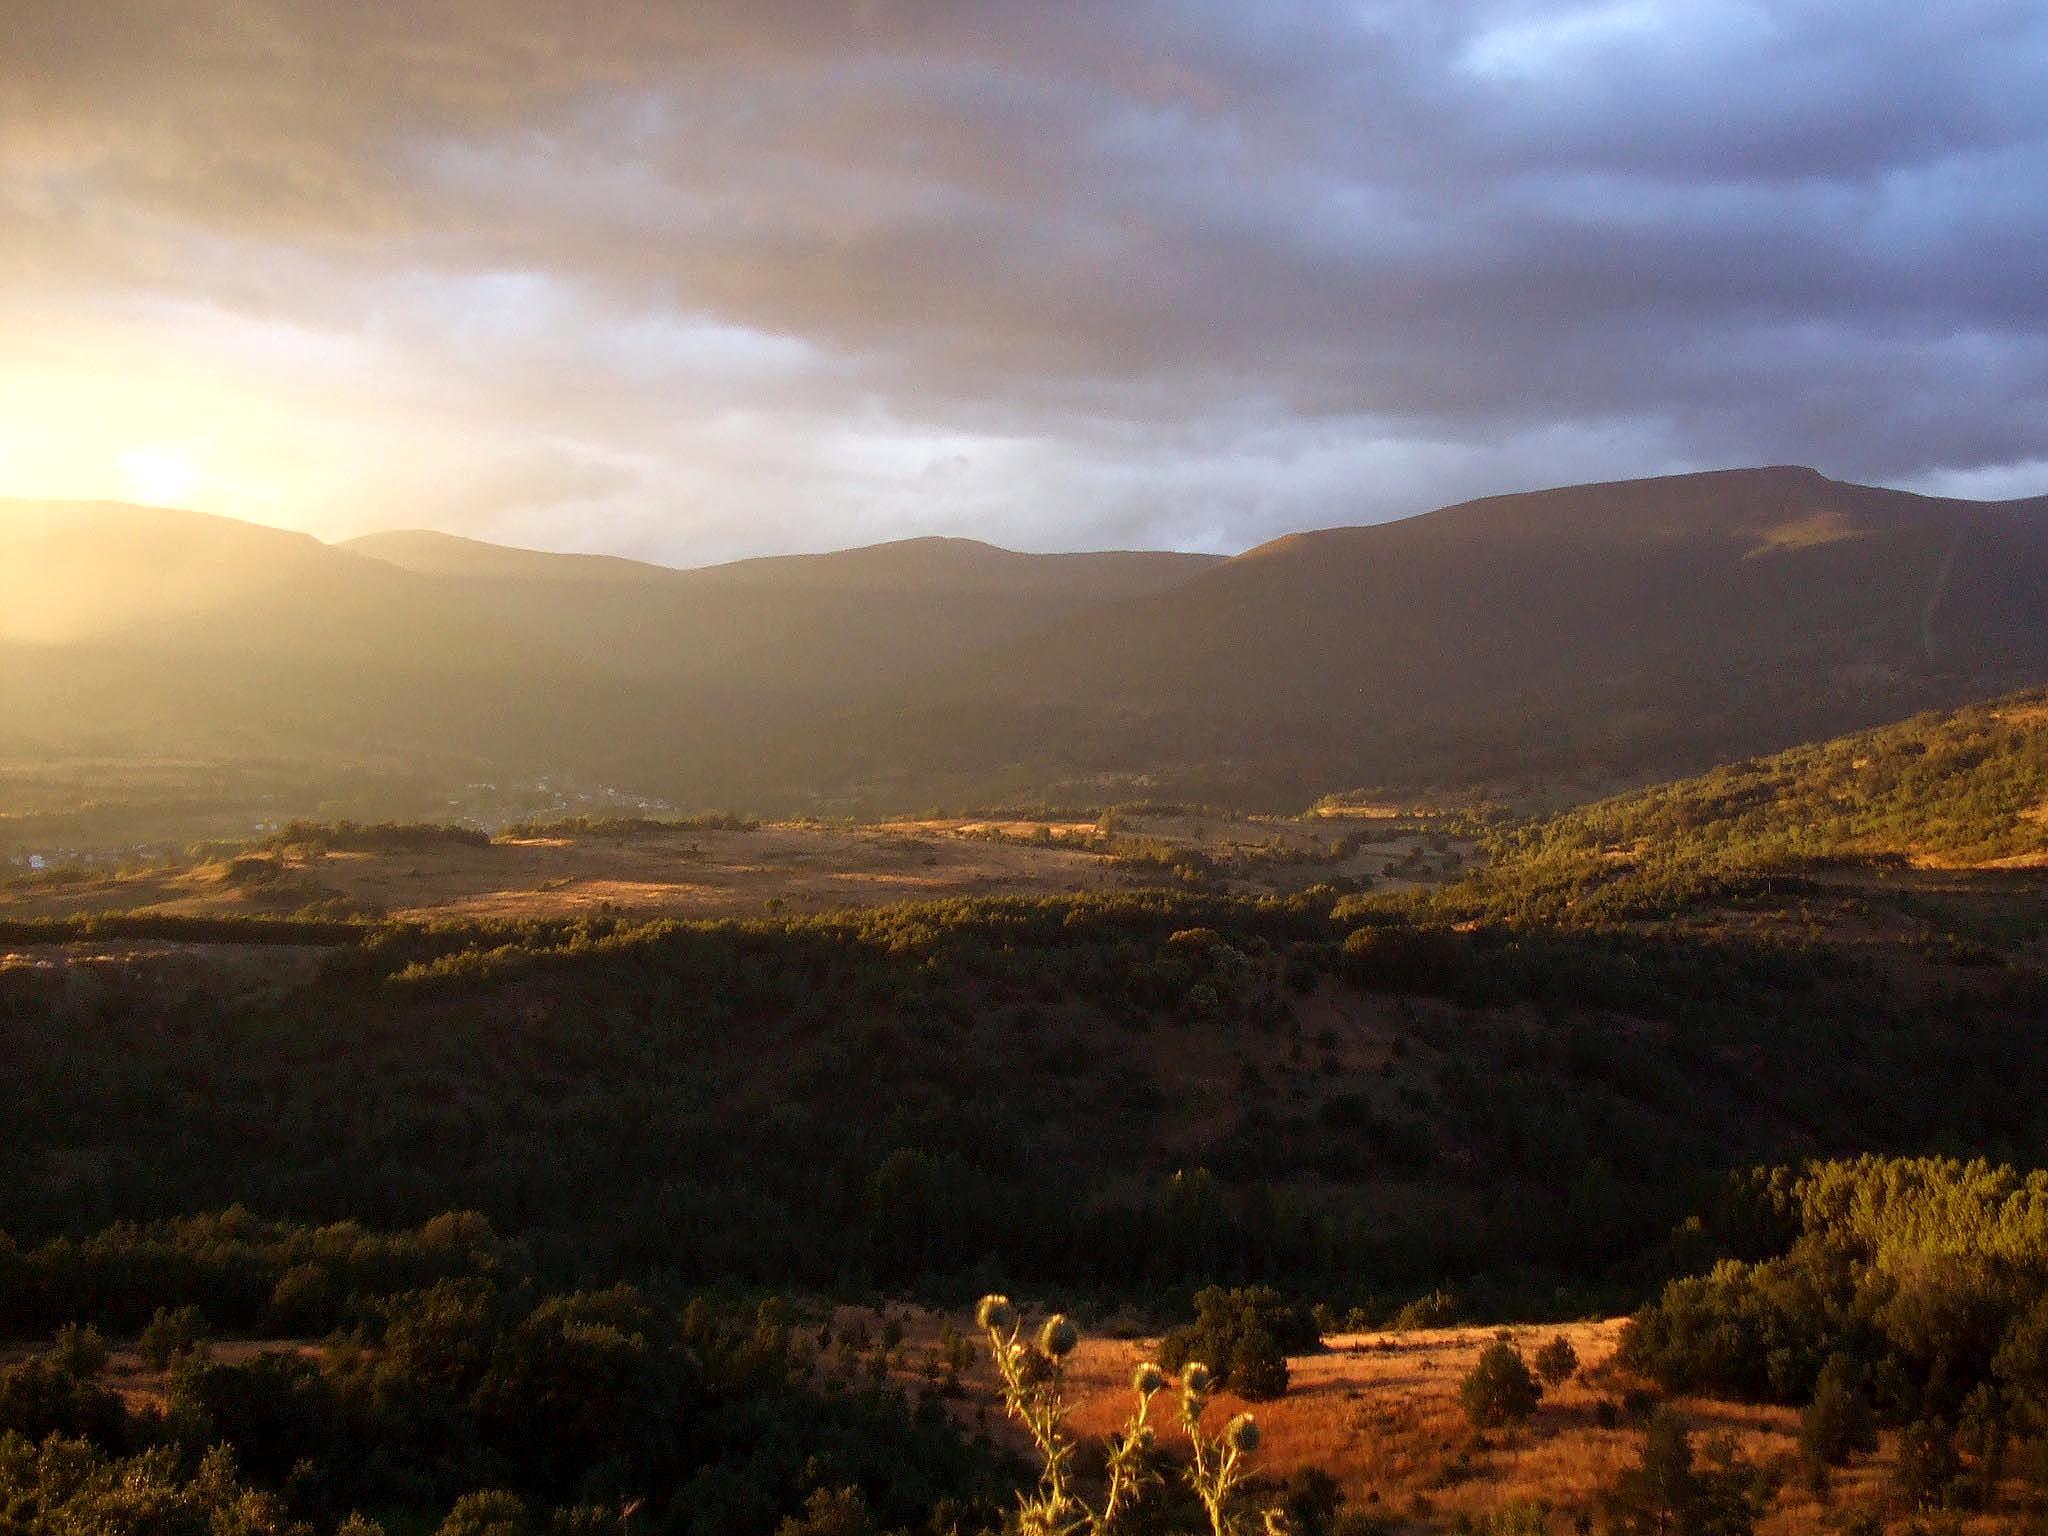 Sierra de Gistredo